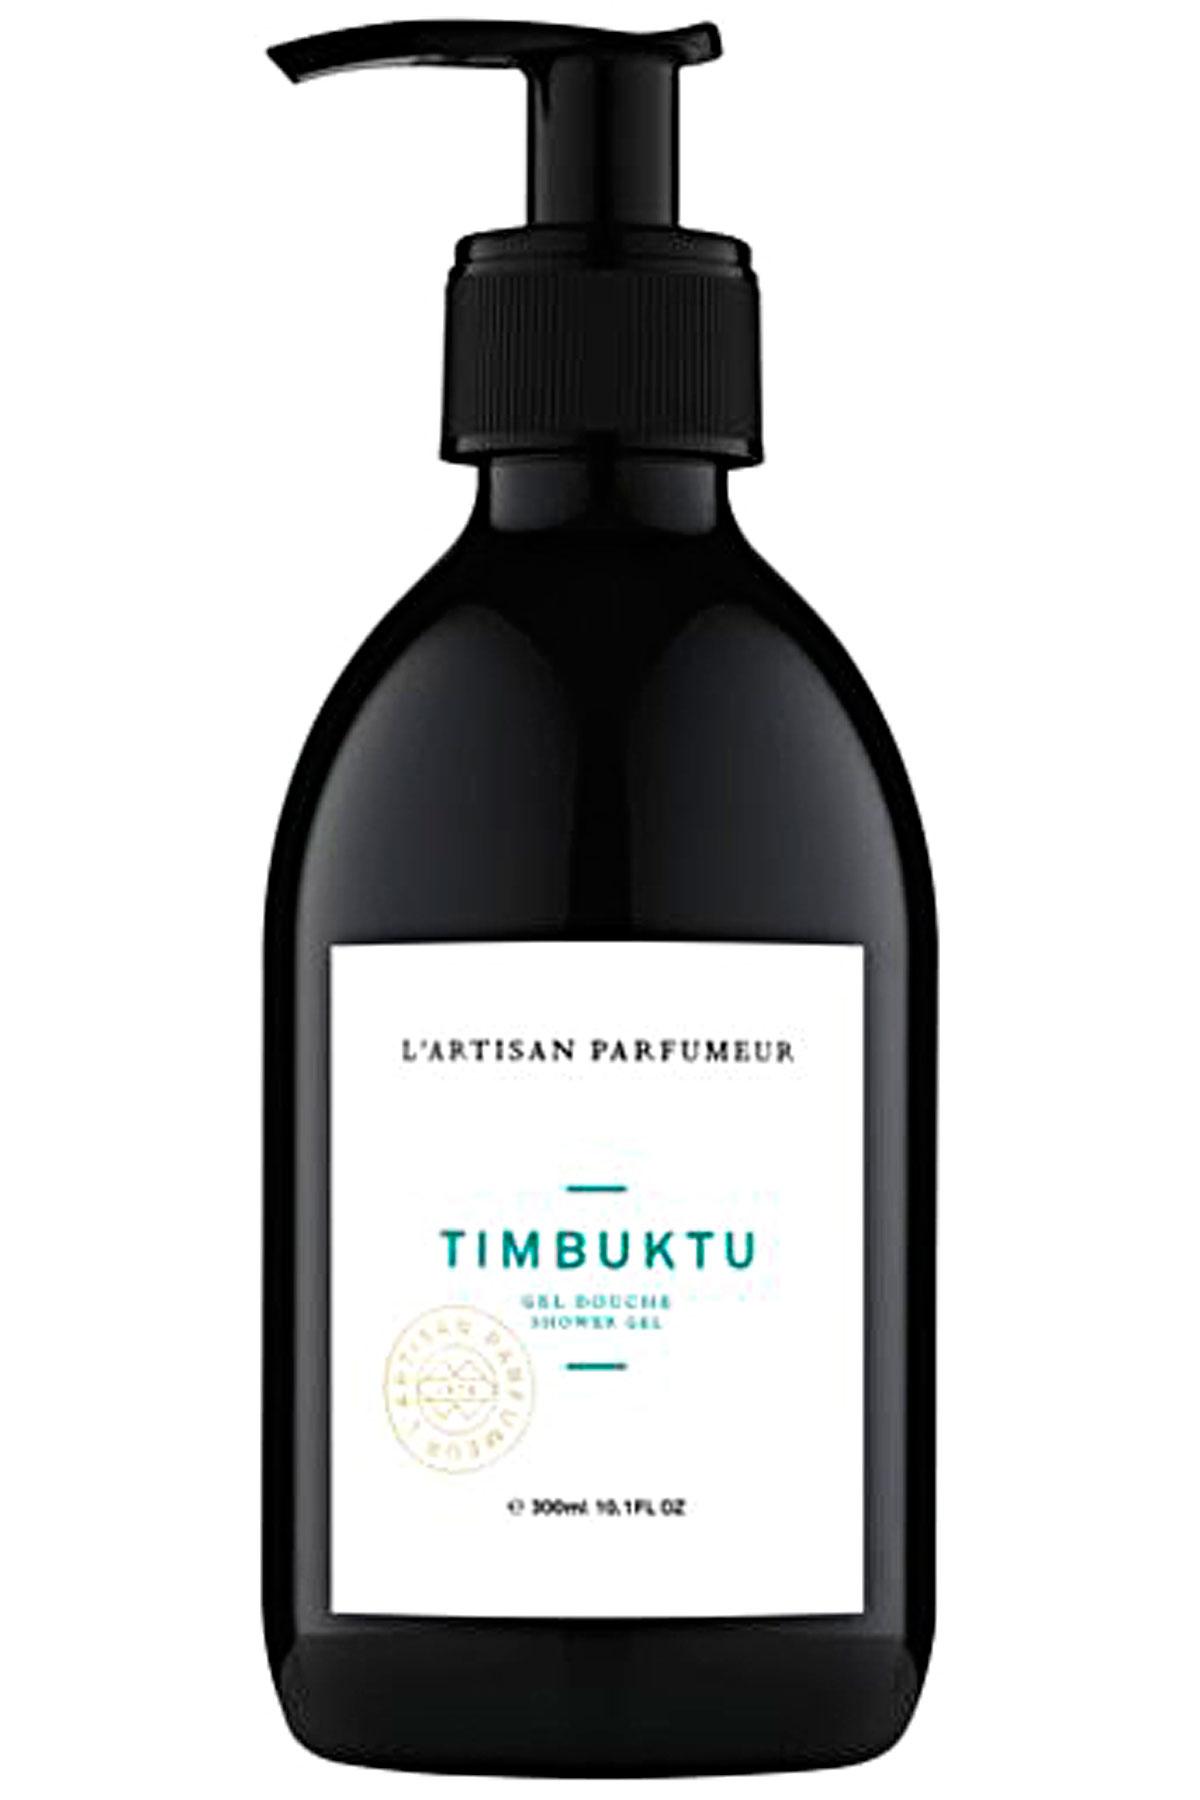 Artisan Parfumeur Beauty for Women, Timbuktu - Shower Gel - 300 Ml, 2019, 300 ml